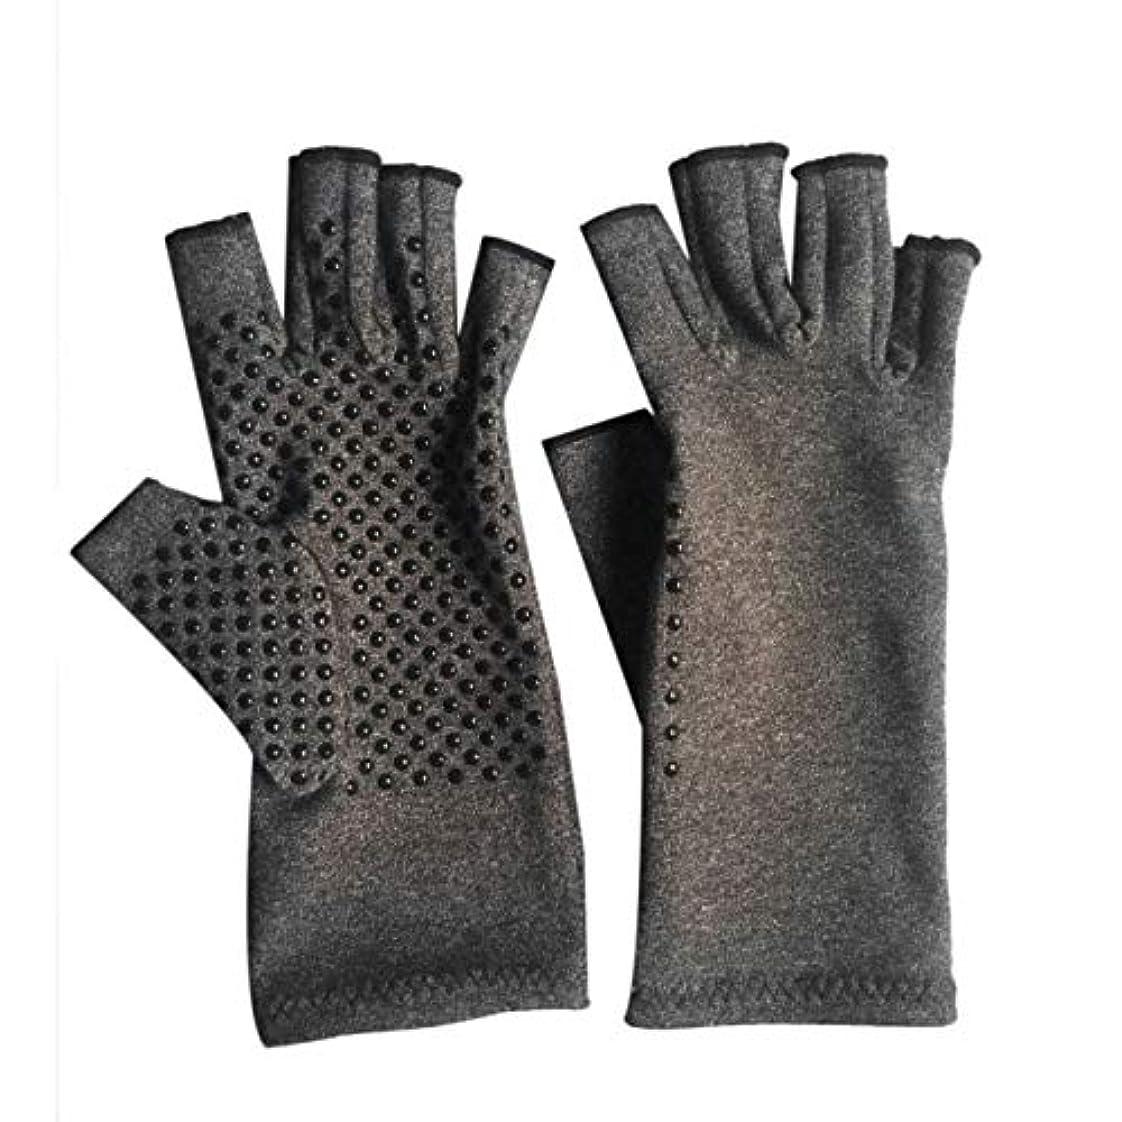 聴覚障害者いたずらなローブDeeploveUU 1ペアユニセックス男性女性療法圧縮手袋関節炎関節痛緩和ヘルスケアハーフフィンガーグローブトレーニンググローブ